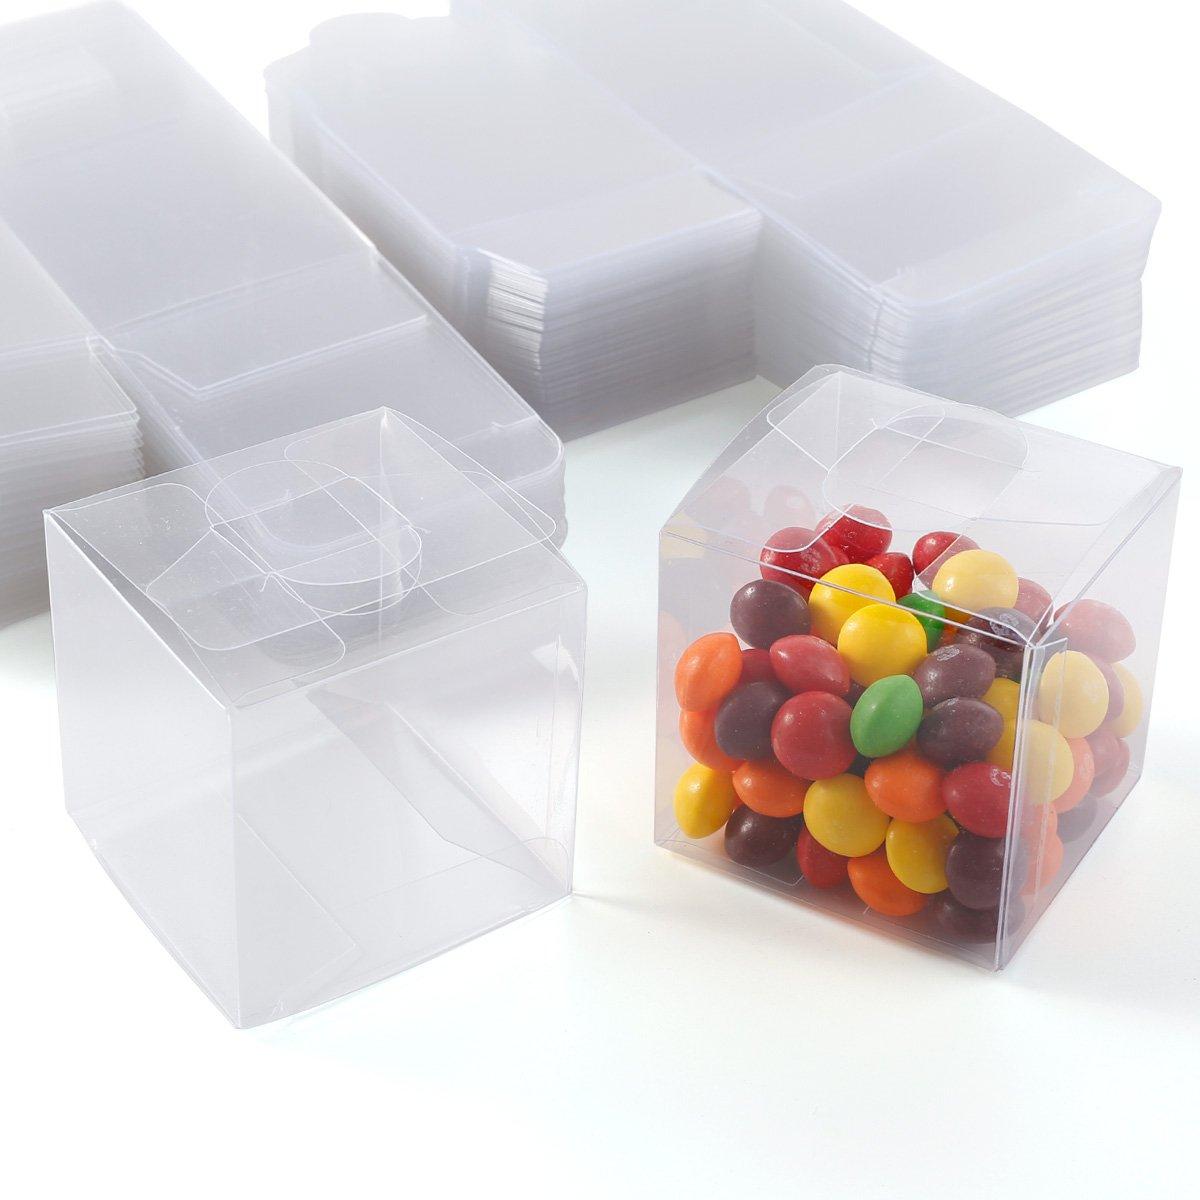 Lot de 100/bo/îtes cadeaux cubiques en PVC transparent pour drag/ées de mariage bonbons g/âteau